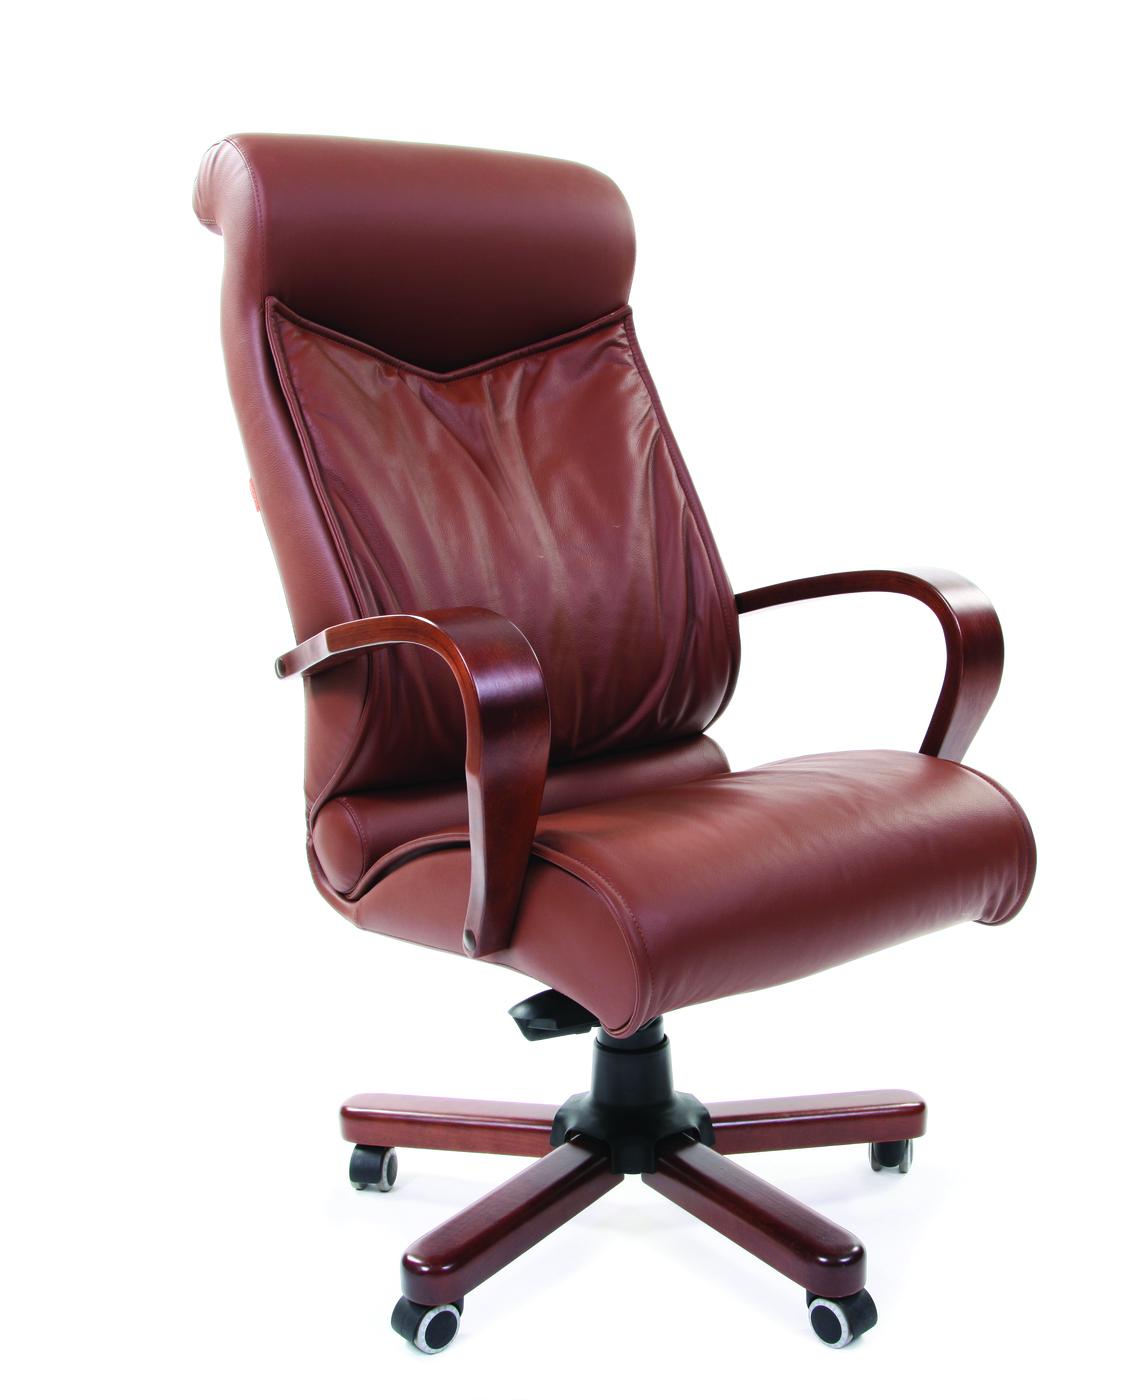 Офисное кресло Chairman    420    Россия     WD кожа коричневая